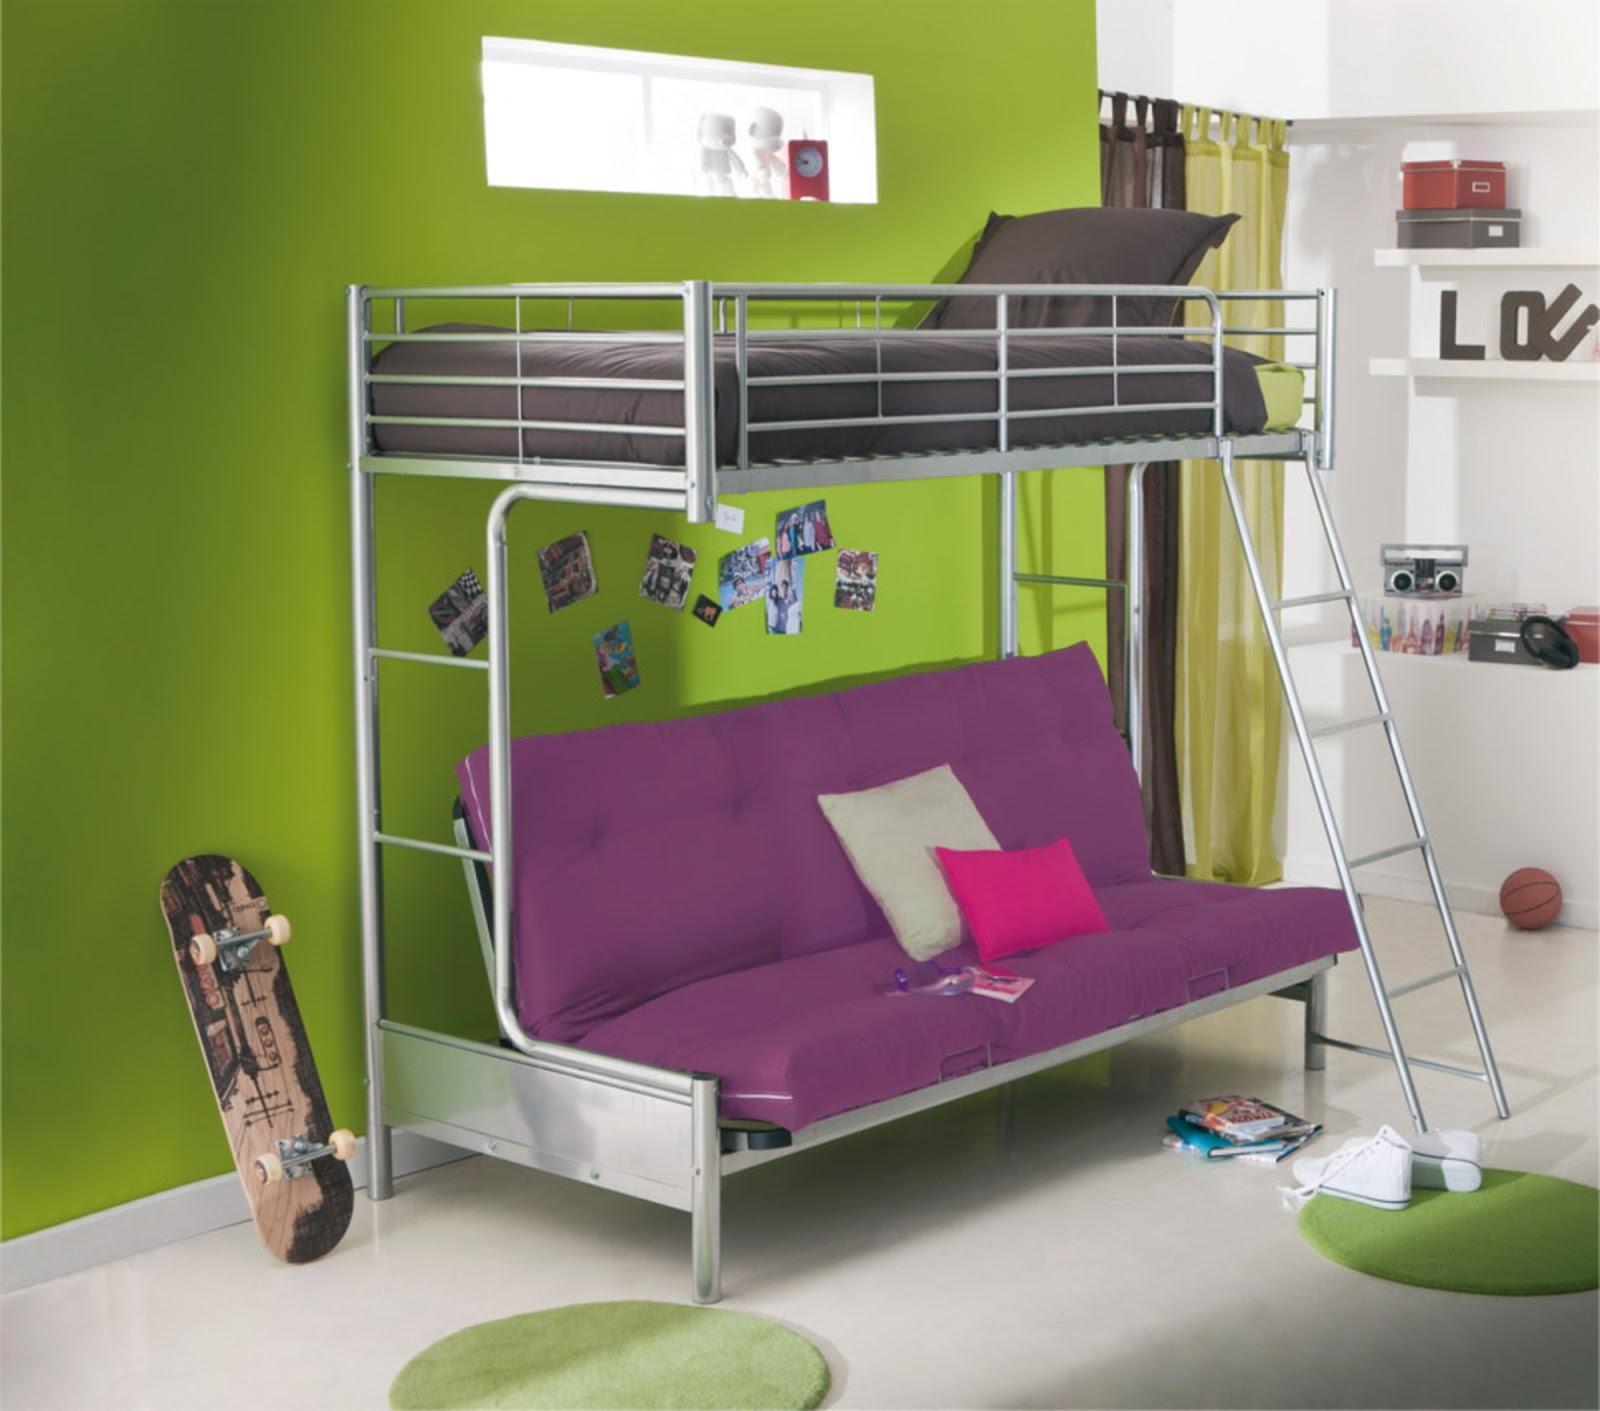 lit mezzanine 2 personnes but gallery of bureau cm et tagres happy blanc with lit mezzanine 2. Black Bedroom Furniture Sets. Home Design Ideas